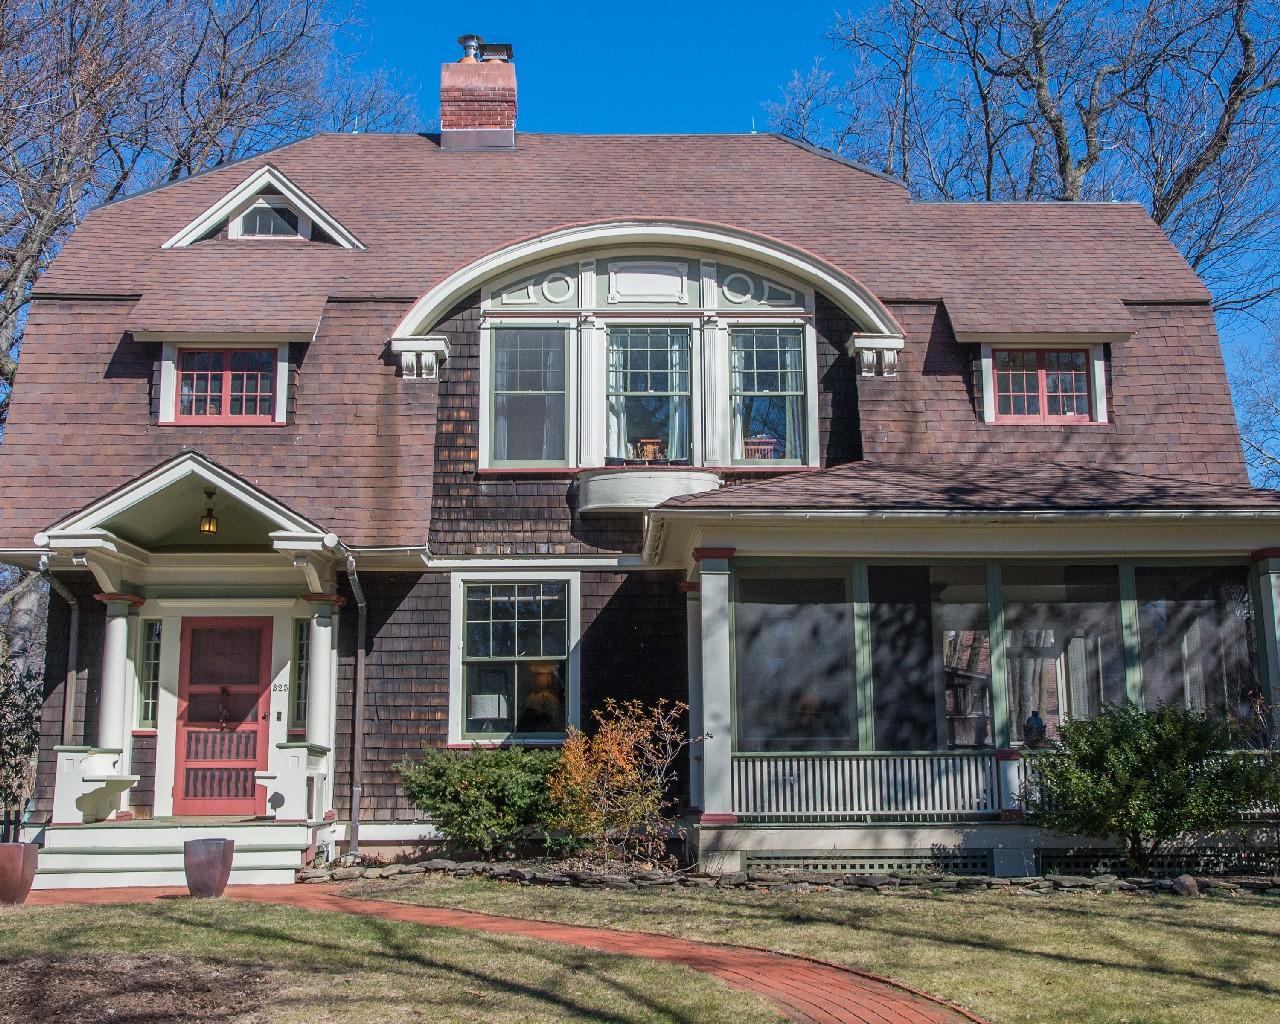 Casa Unifamiliar por un Venta en Glen Ridge Colonial 325 Washington Street Glen Ridge, Nueva Jersey 07028 Estados Unidos